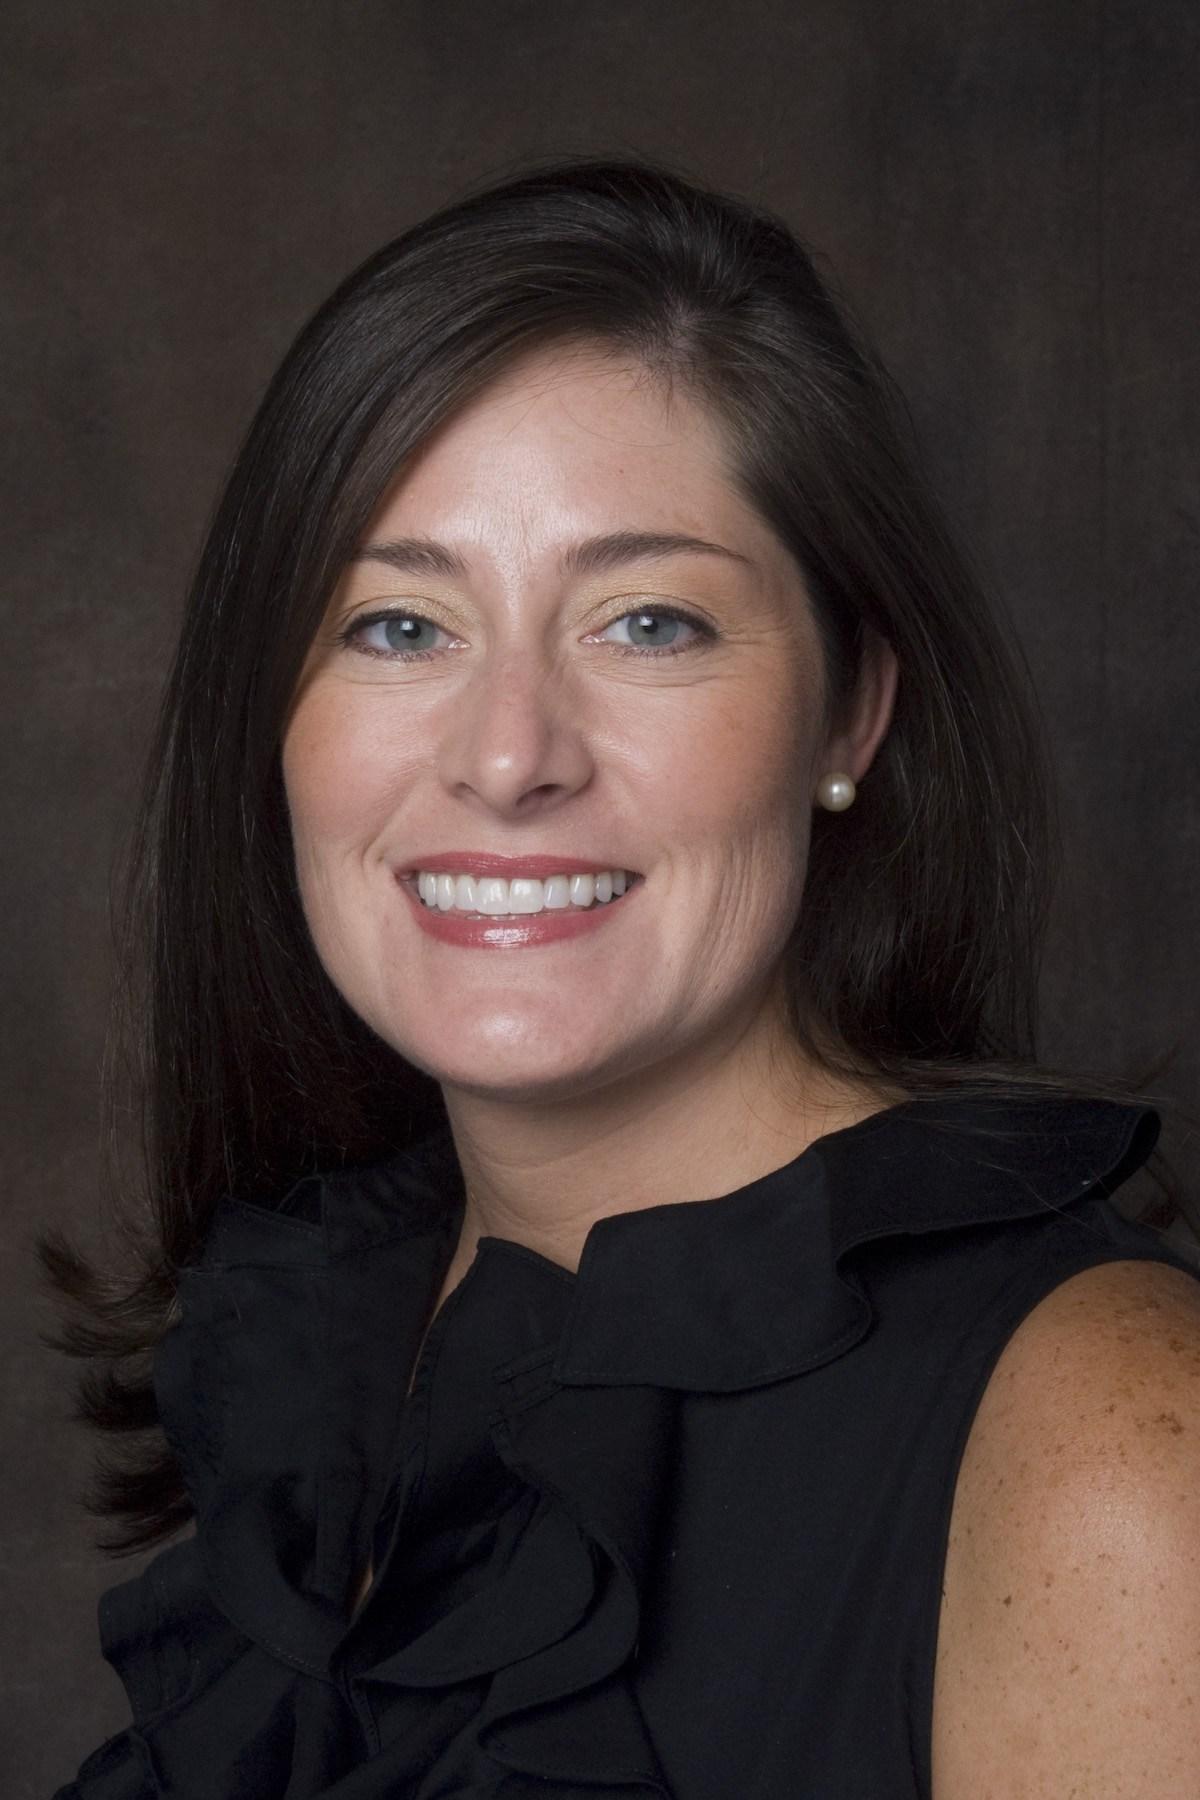 Jania Klein